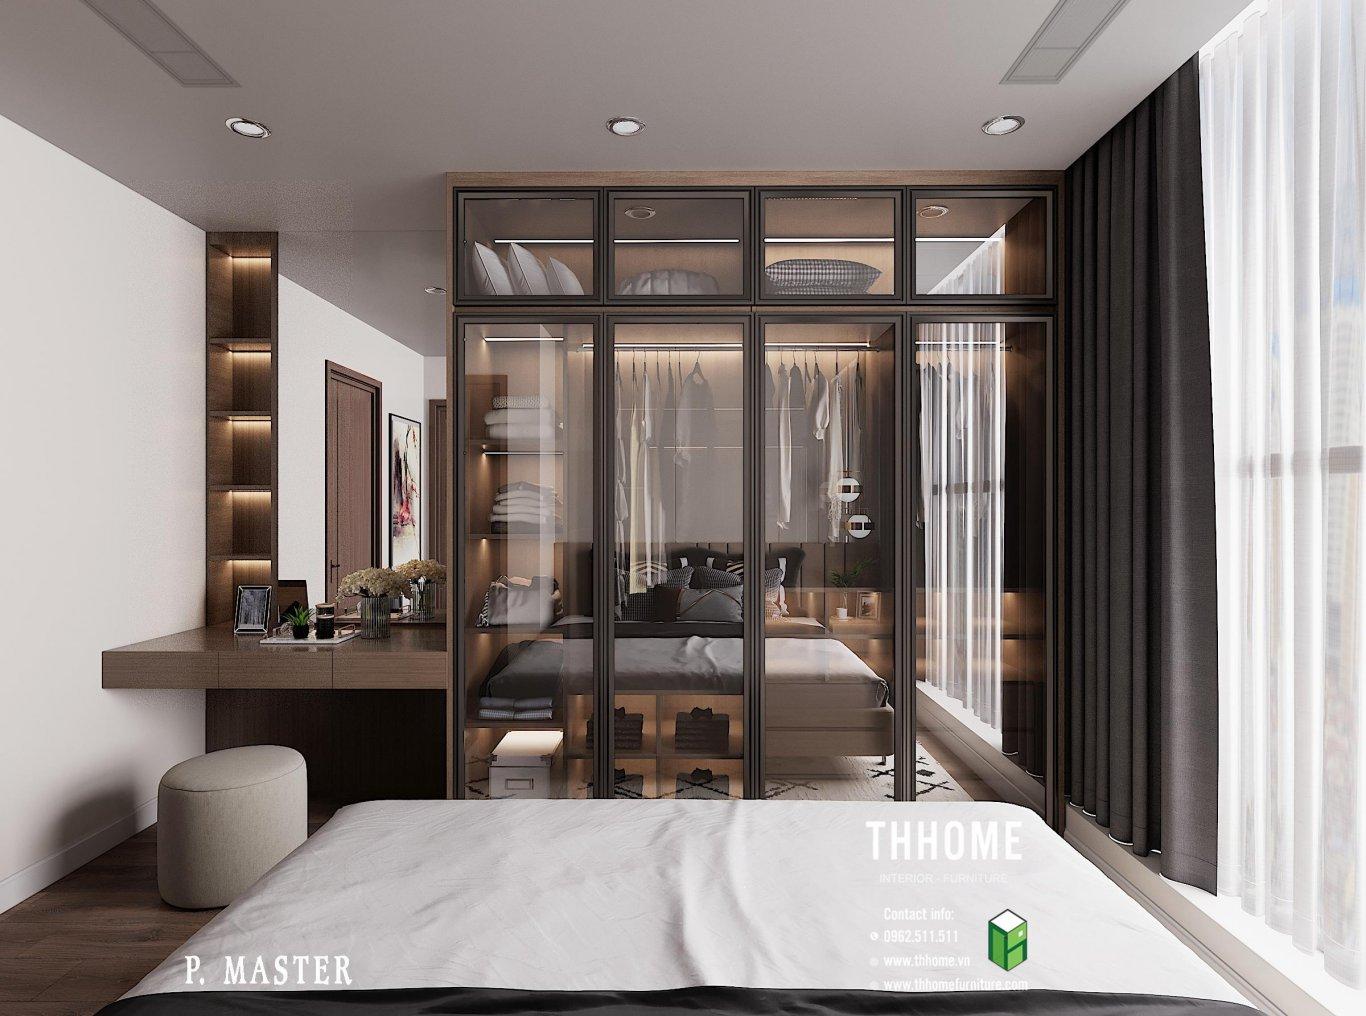 Tủ quần áo hiện đại, sang trọng cùng những đồ nội thất được thiết kế vừa vặn